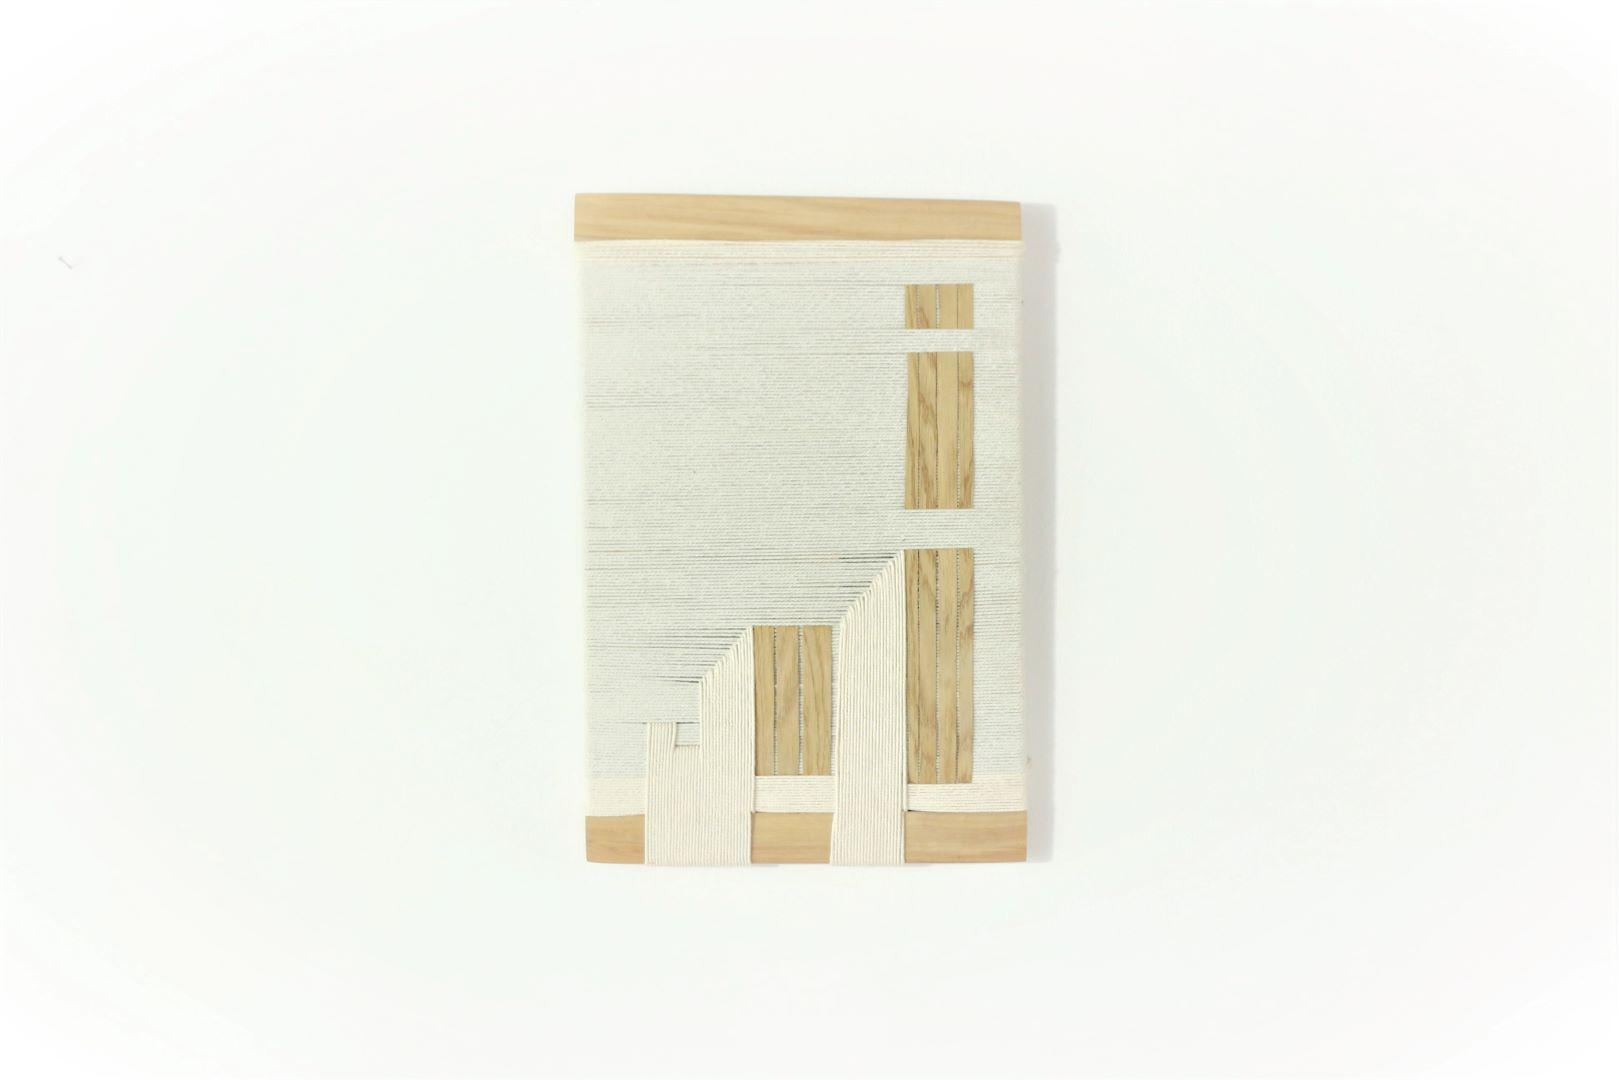 Tableau tressé Architecture 0.1